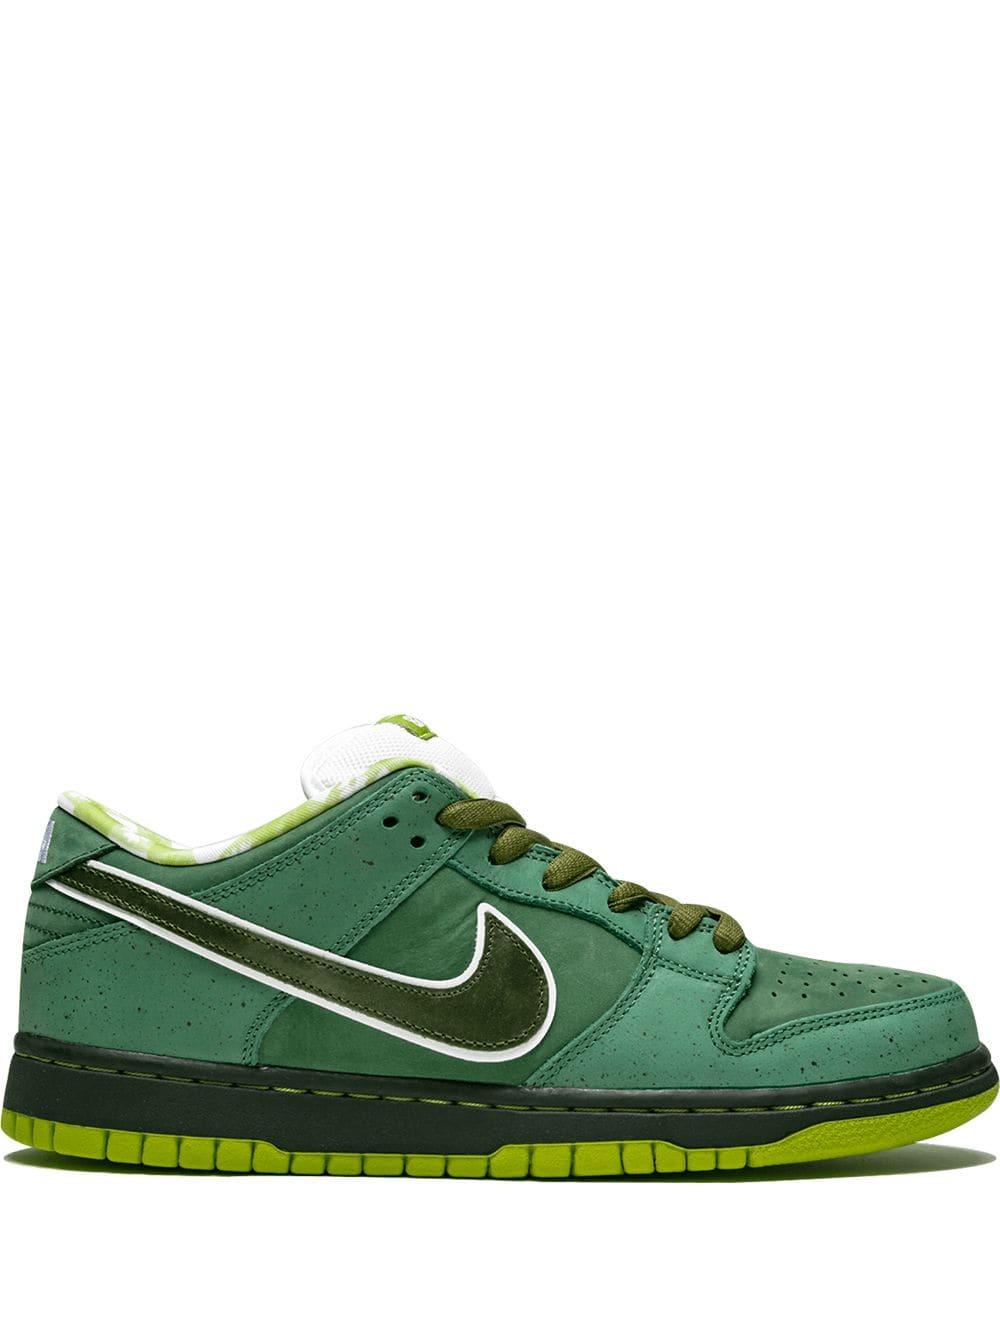 Nike Sb Dunk Low Pro Og Qs